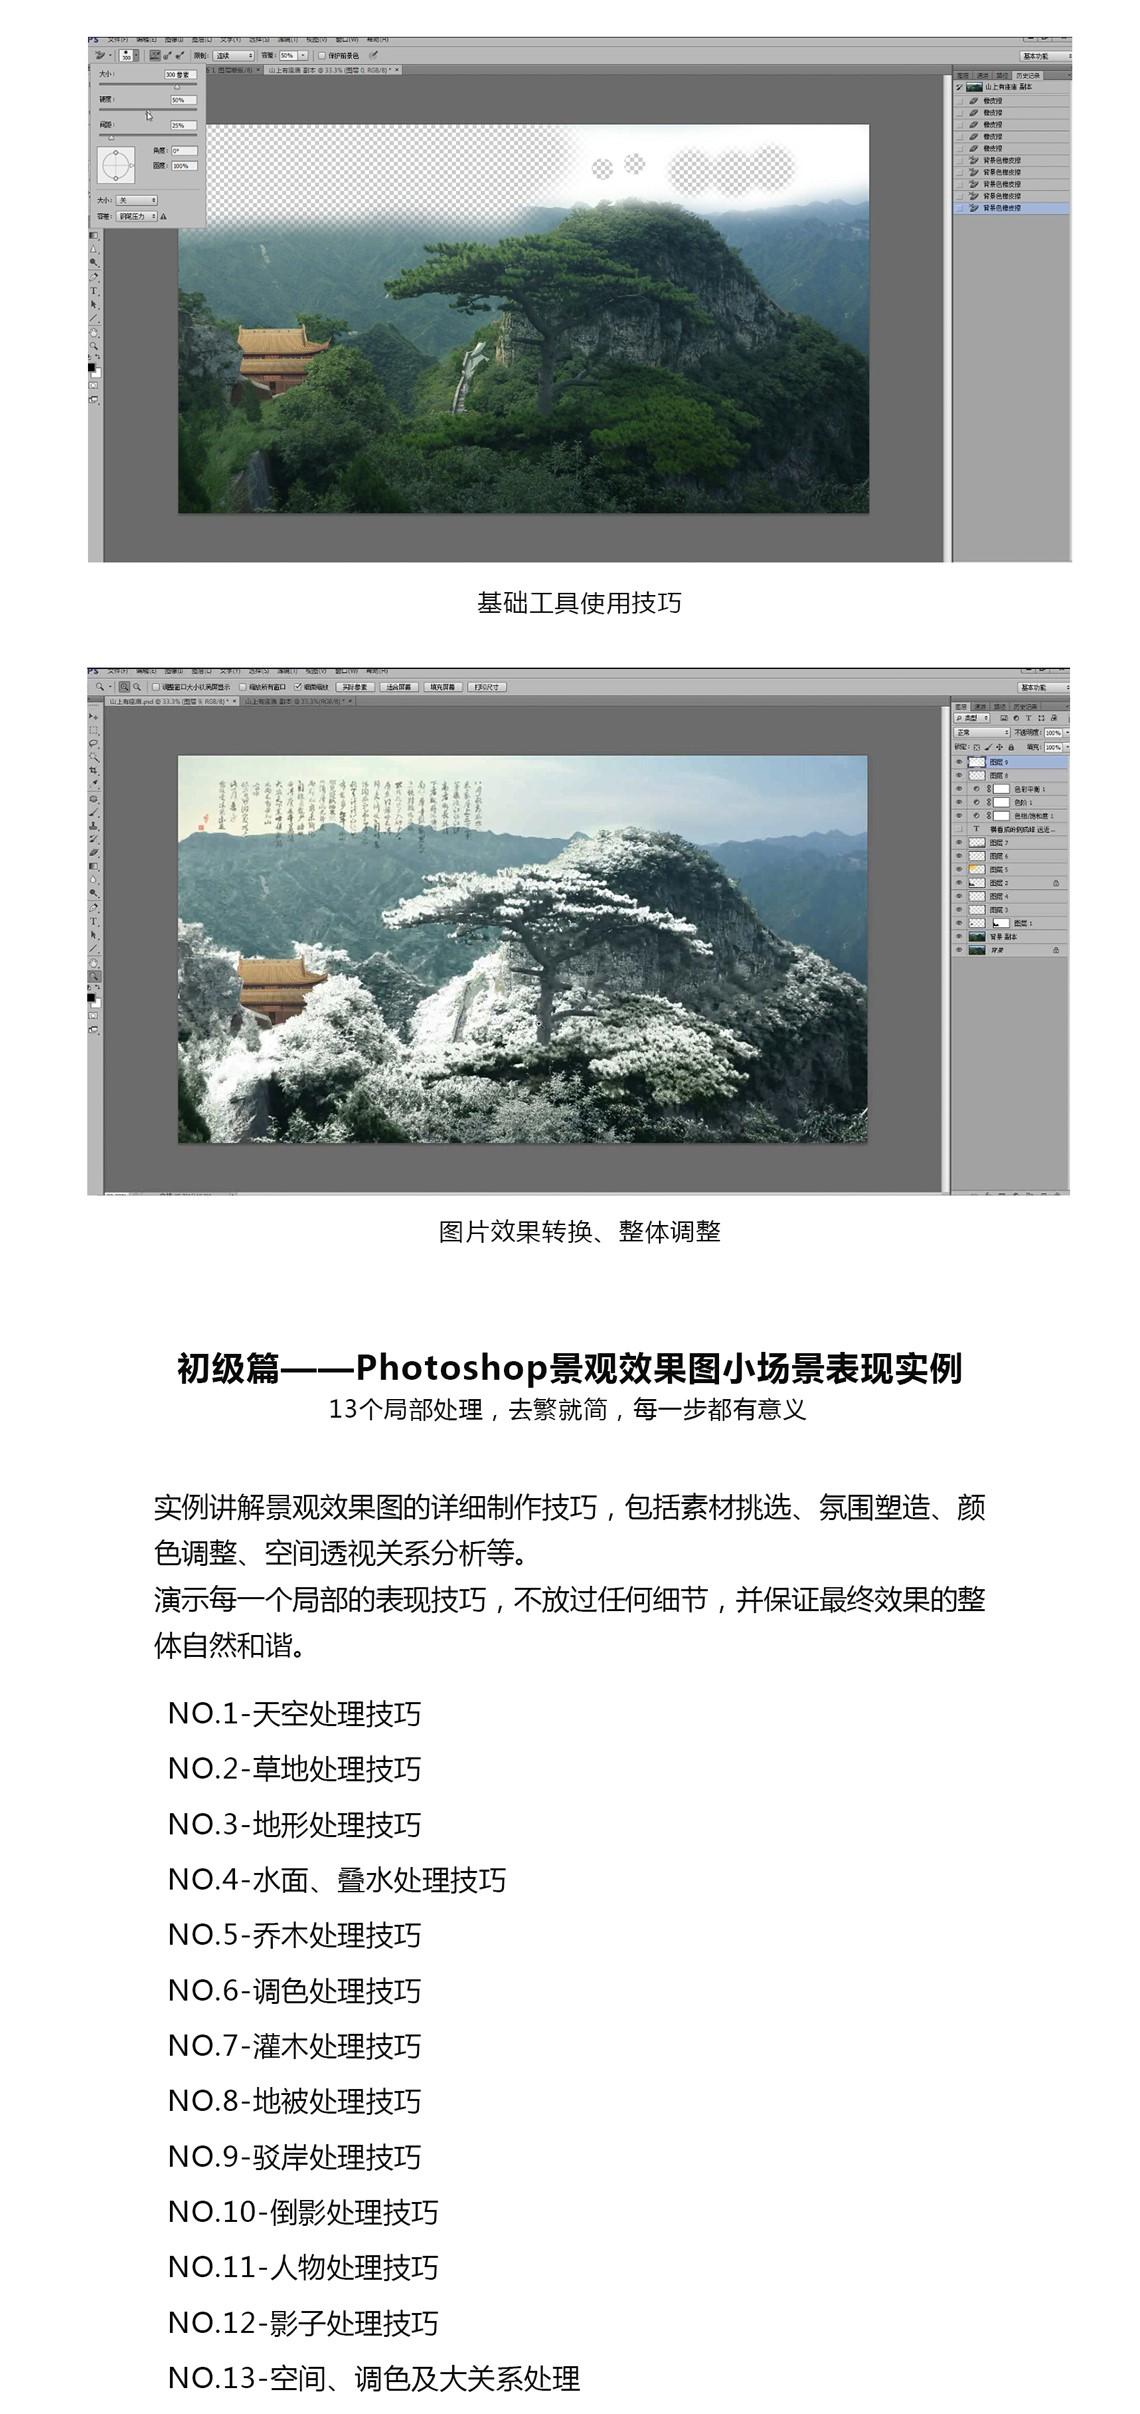 ps景觀效果圖小場景表現實例,Photoshop景觀效果圖,景觀效果圖表現,ps景觀效果圖